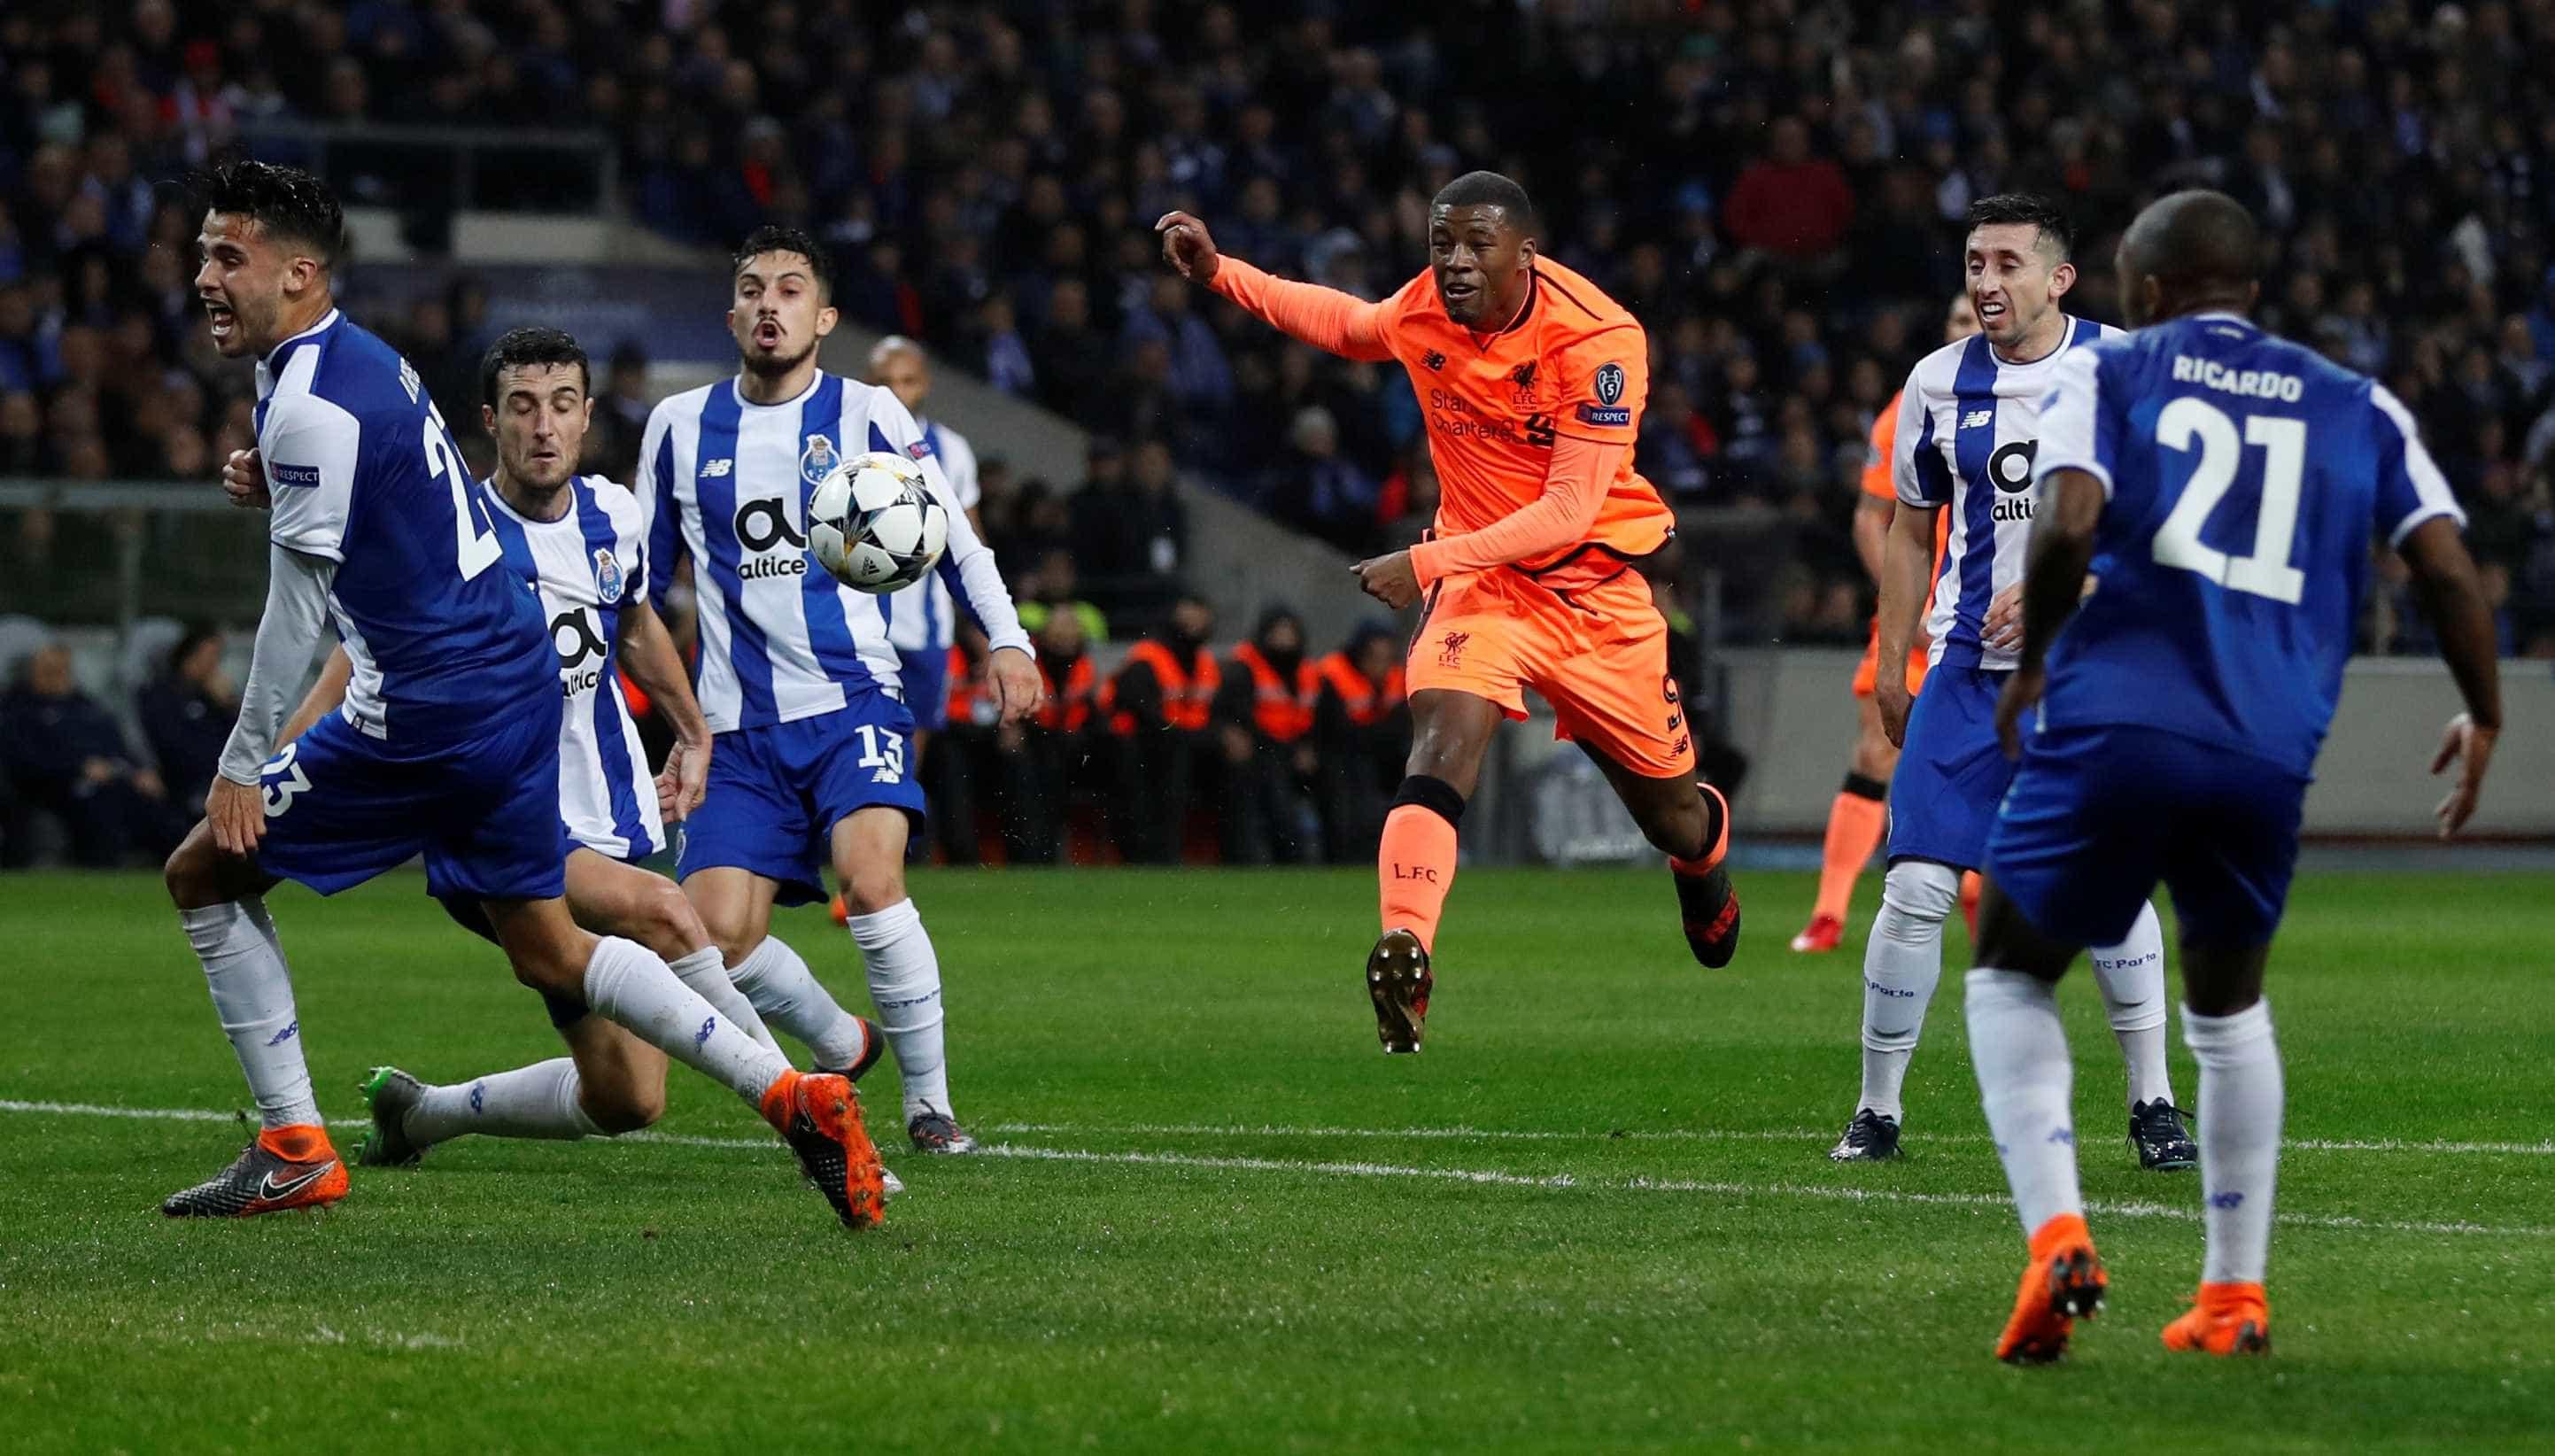 Com três de Mané e um de Firmino, Liverpool goleia o Porto